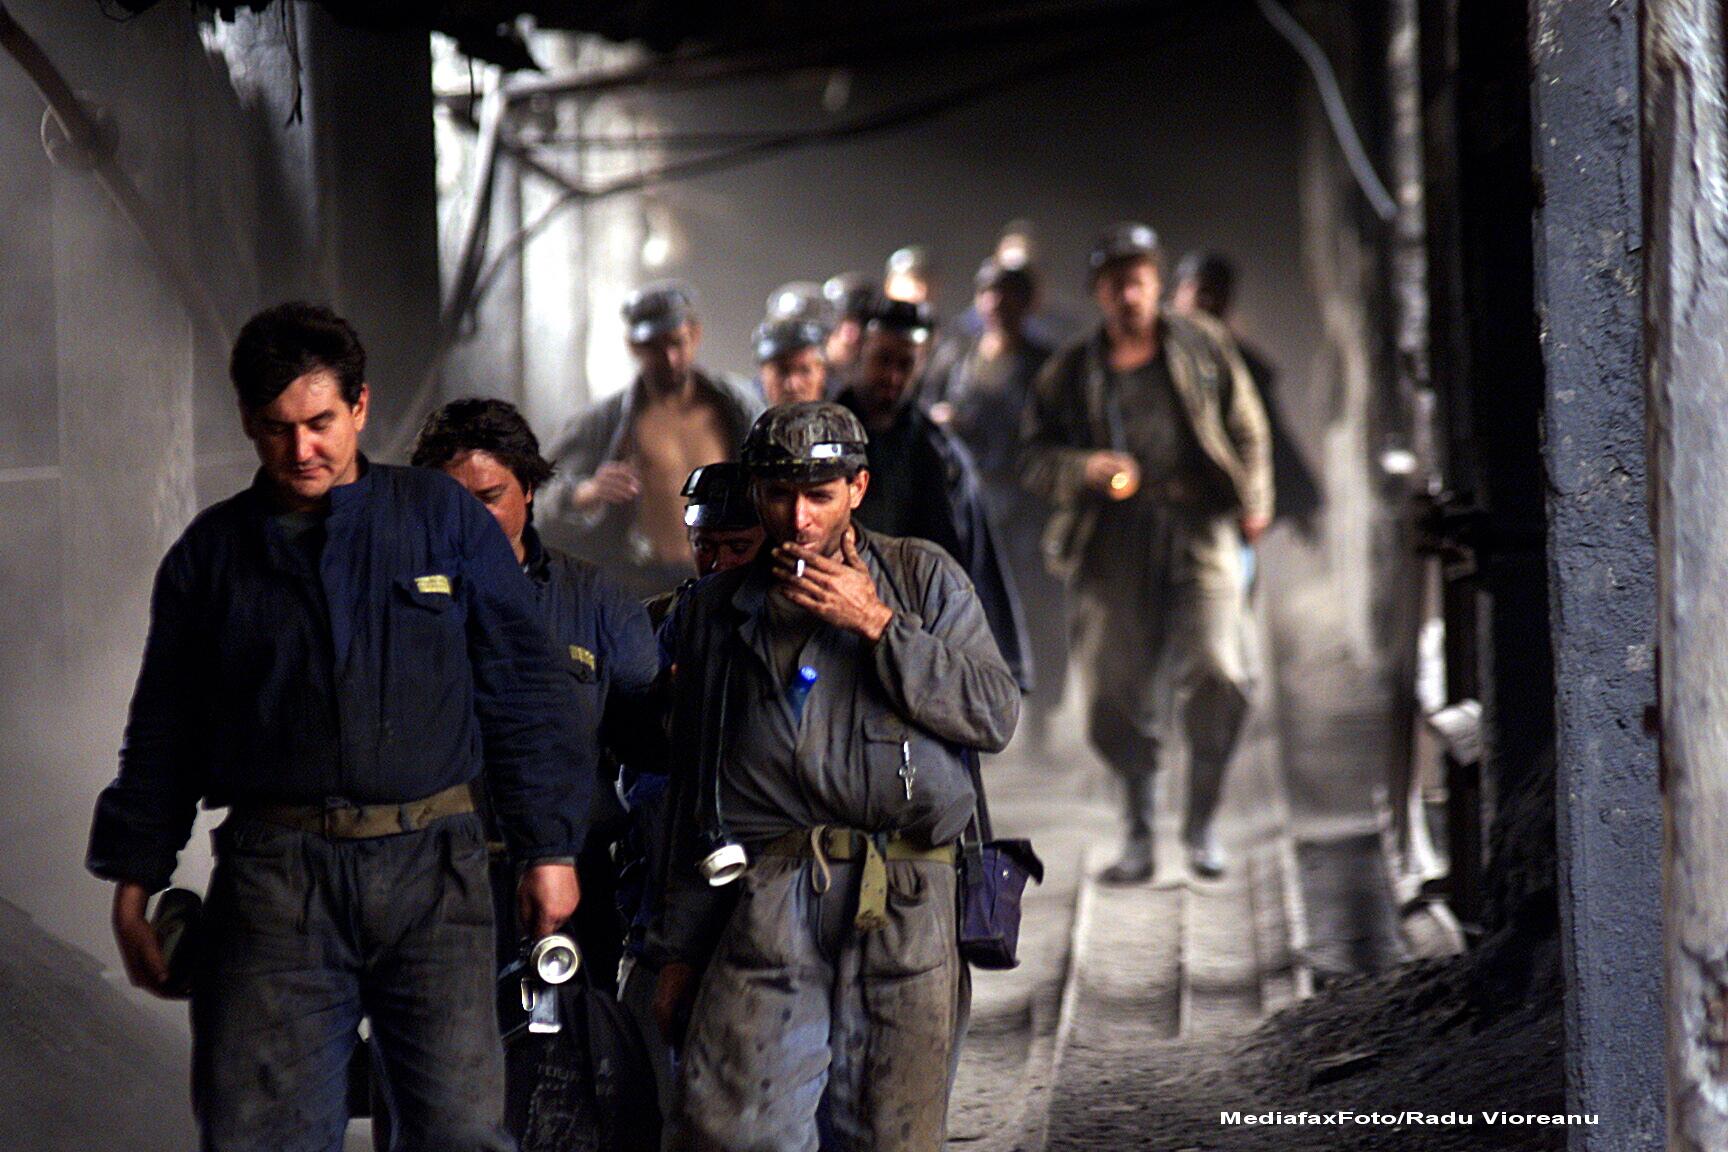 Aproape 500 de mineri din Valea Jiului, disponibilizati de la Societatea Nationala de Inchideri Mine